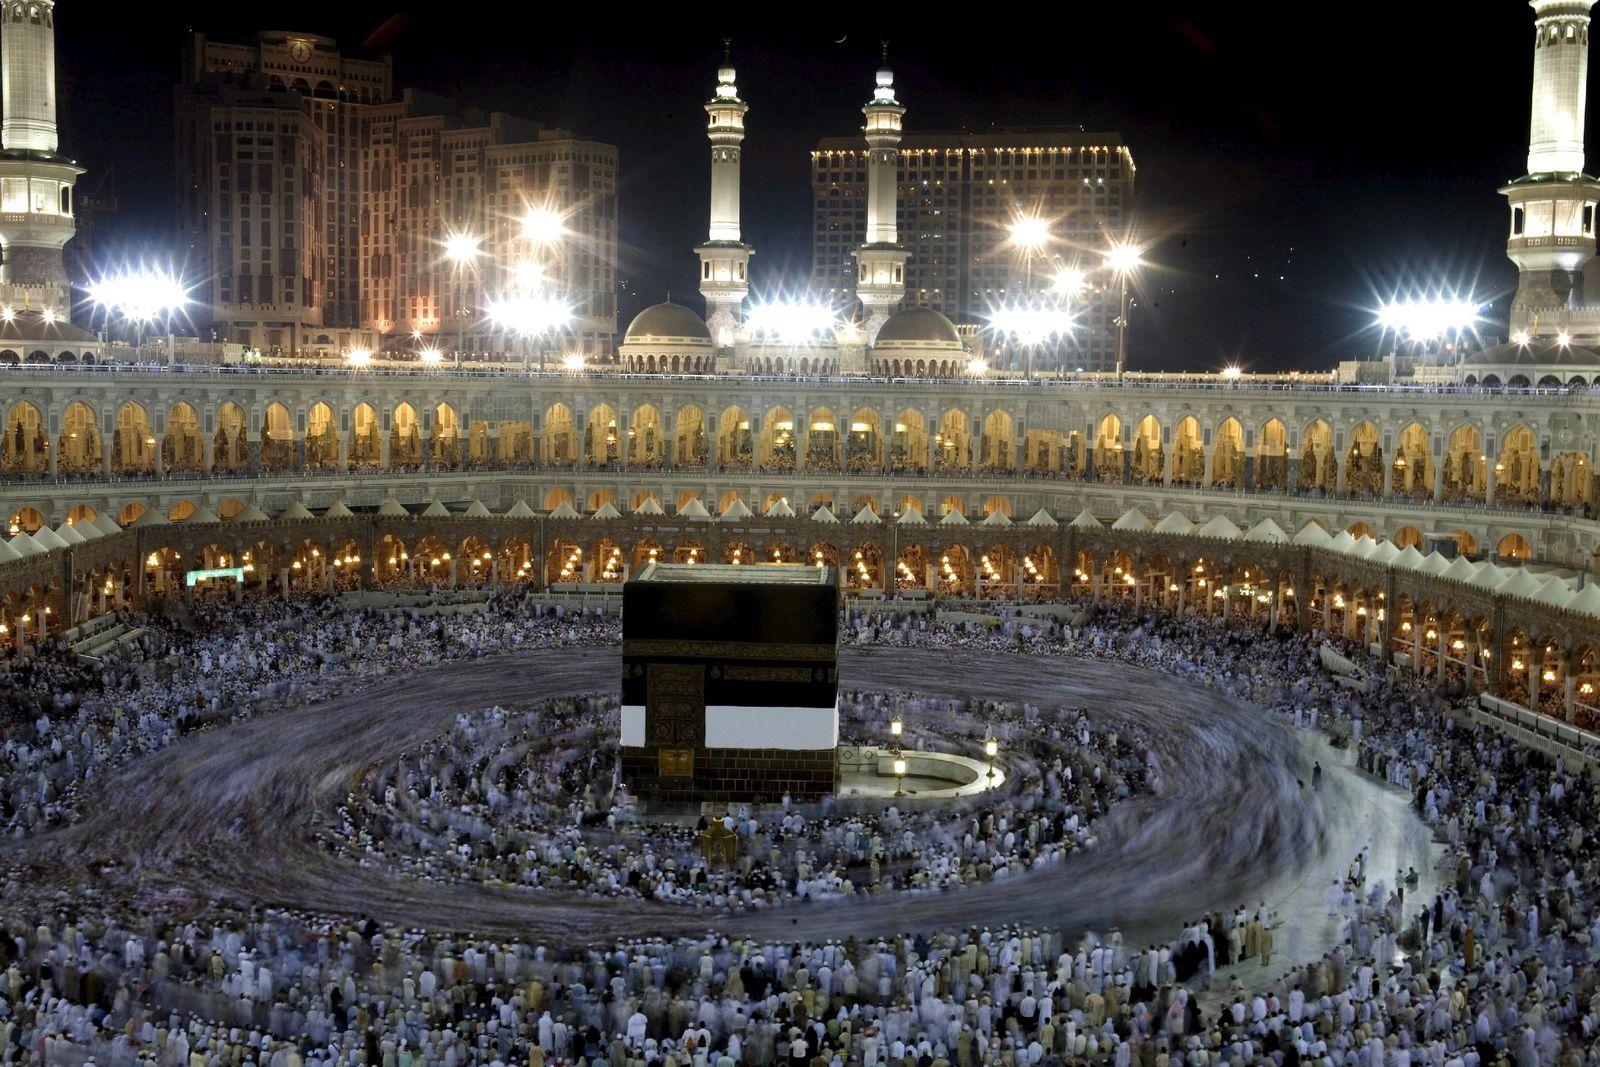 Pilger beim Gebet in großer Moschee von Mekka